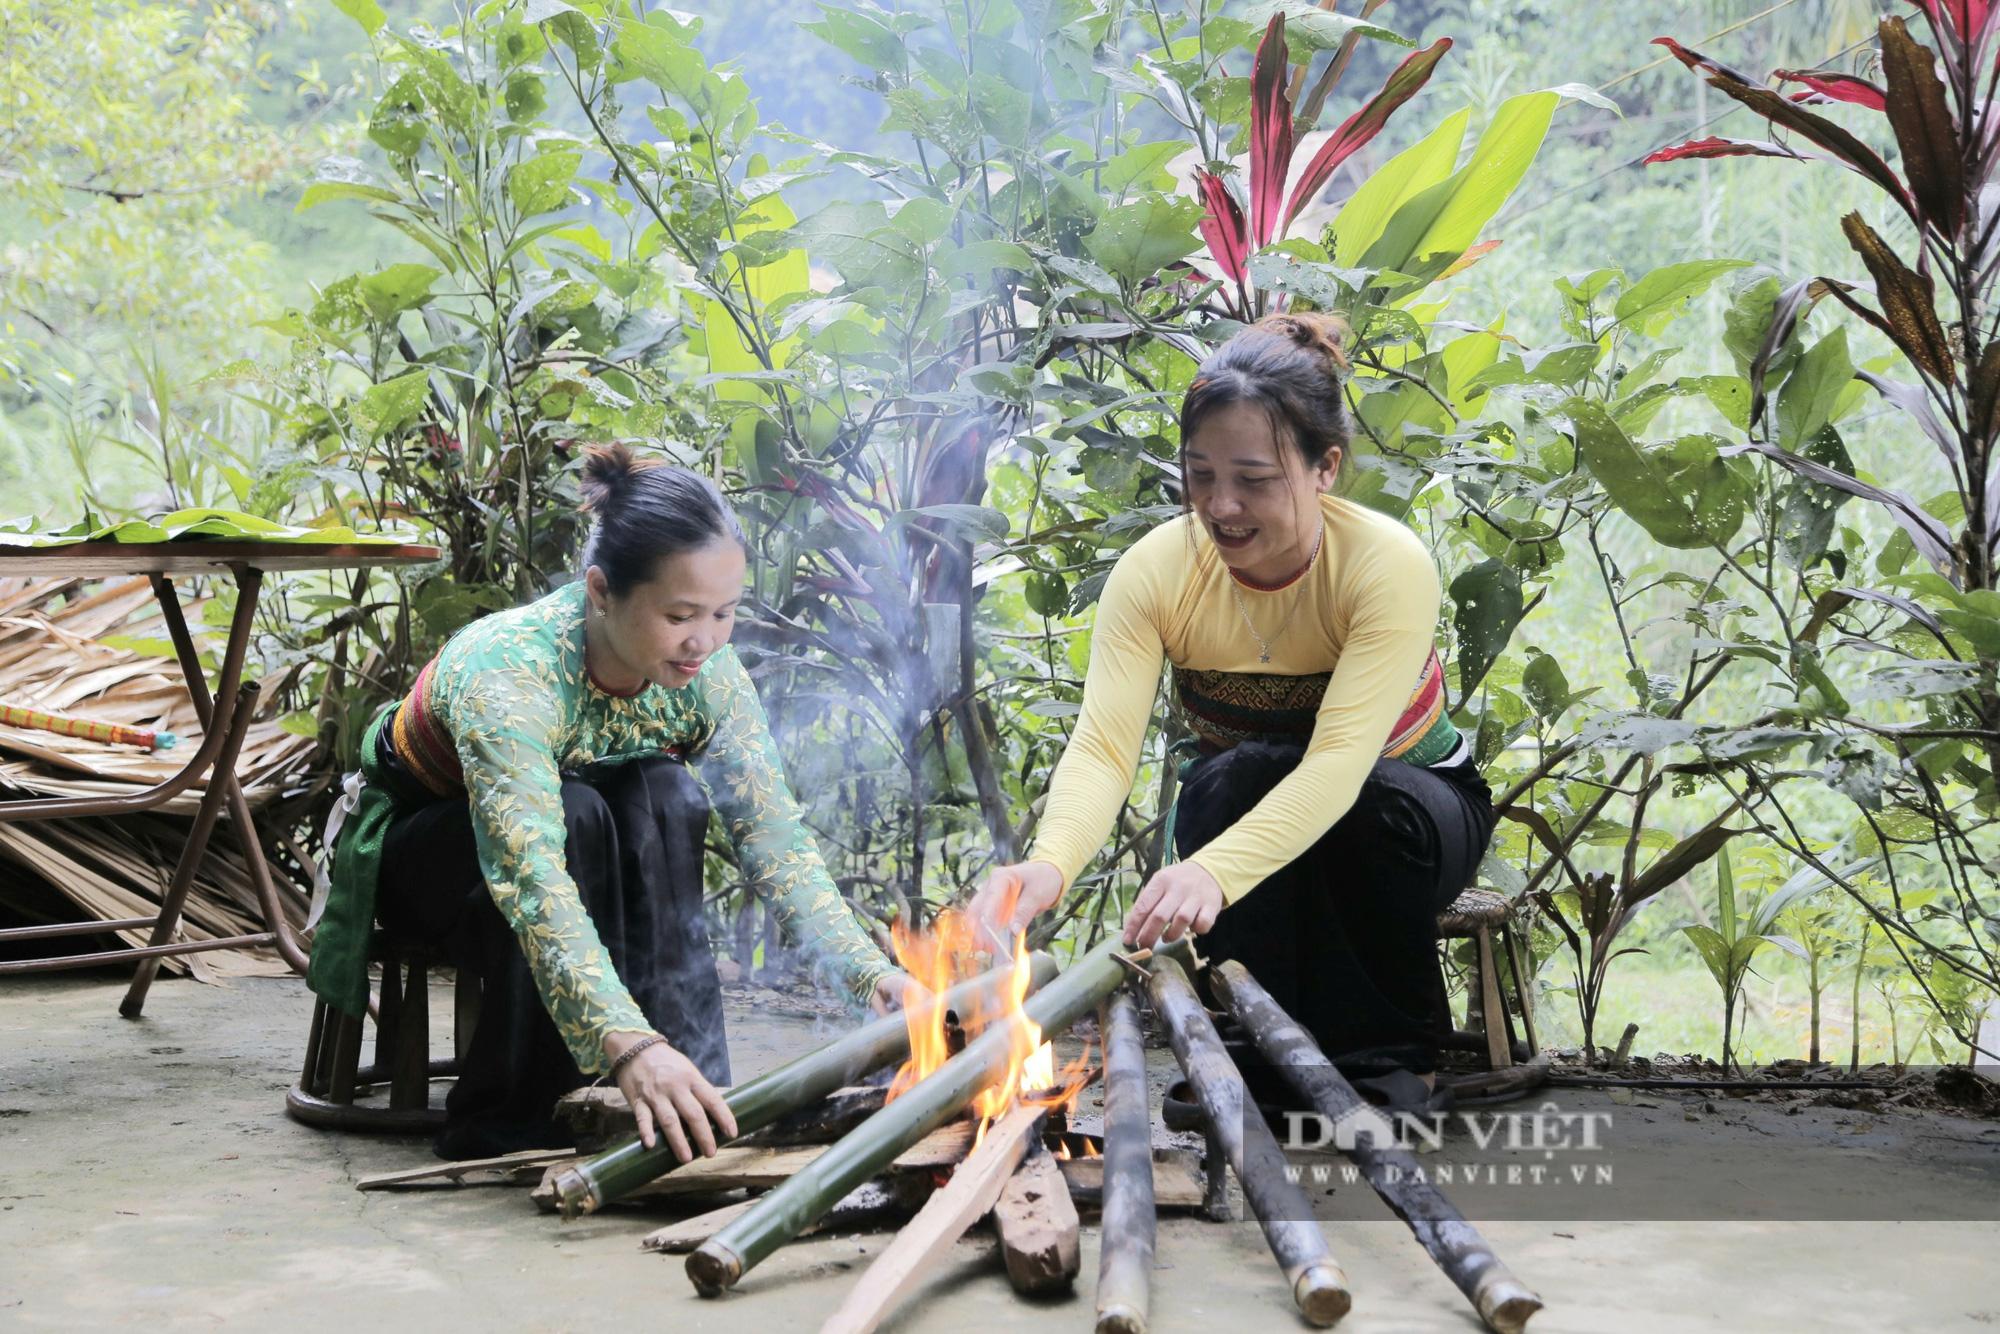 Đến Pù Luông thưởng thức món cơm lam truyền thống dân tộc Thái nơi đây - Ảnh 6.